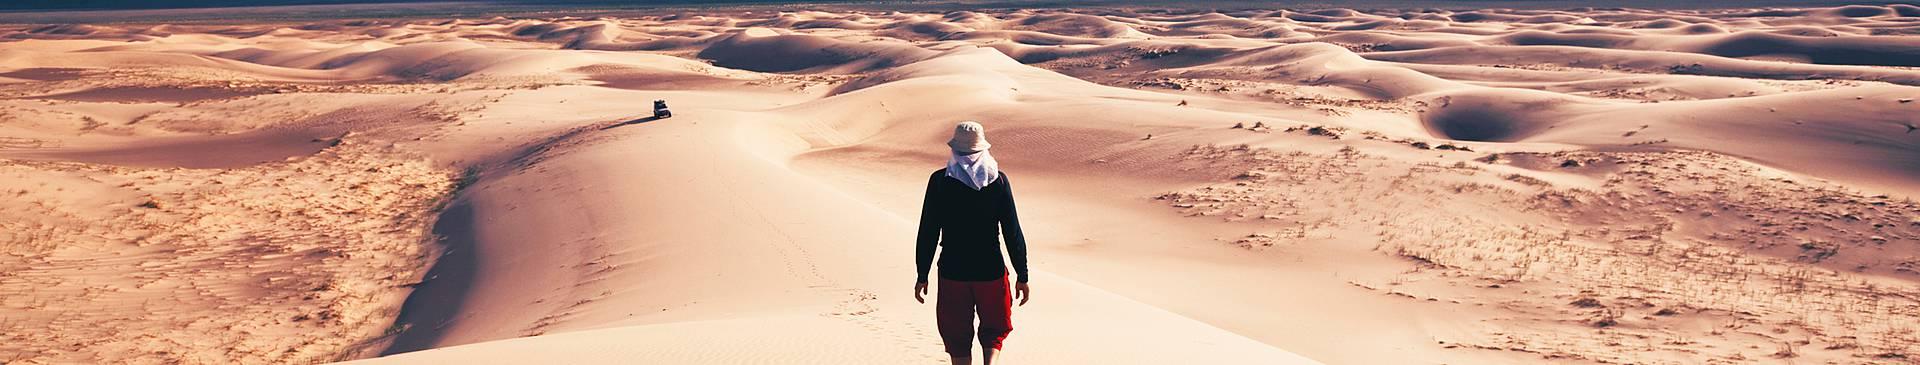 Trekking en Mongolia